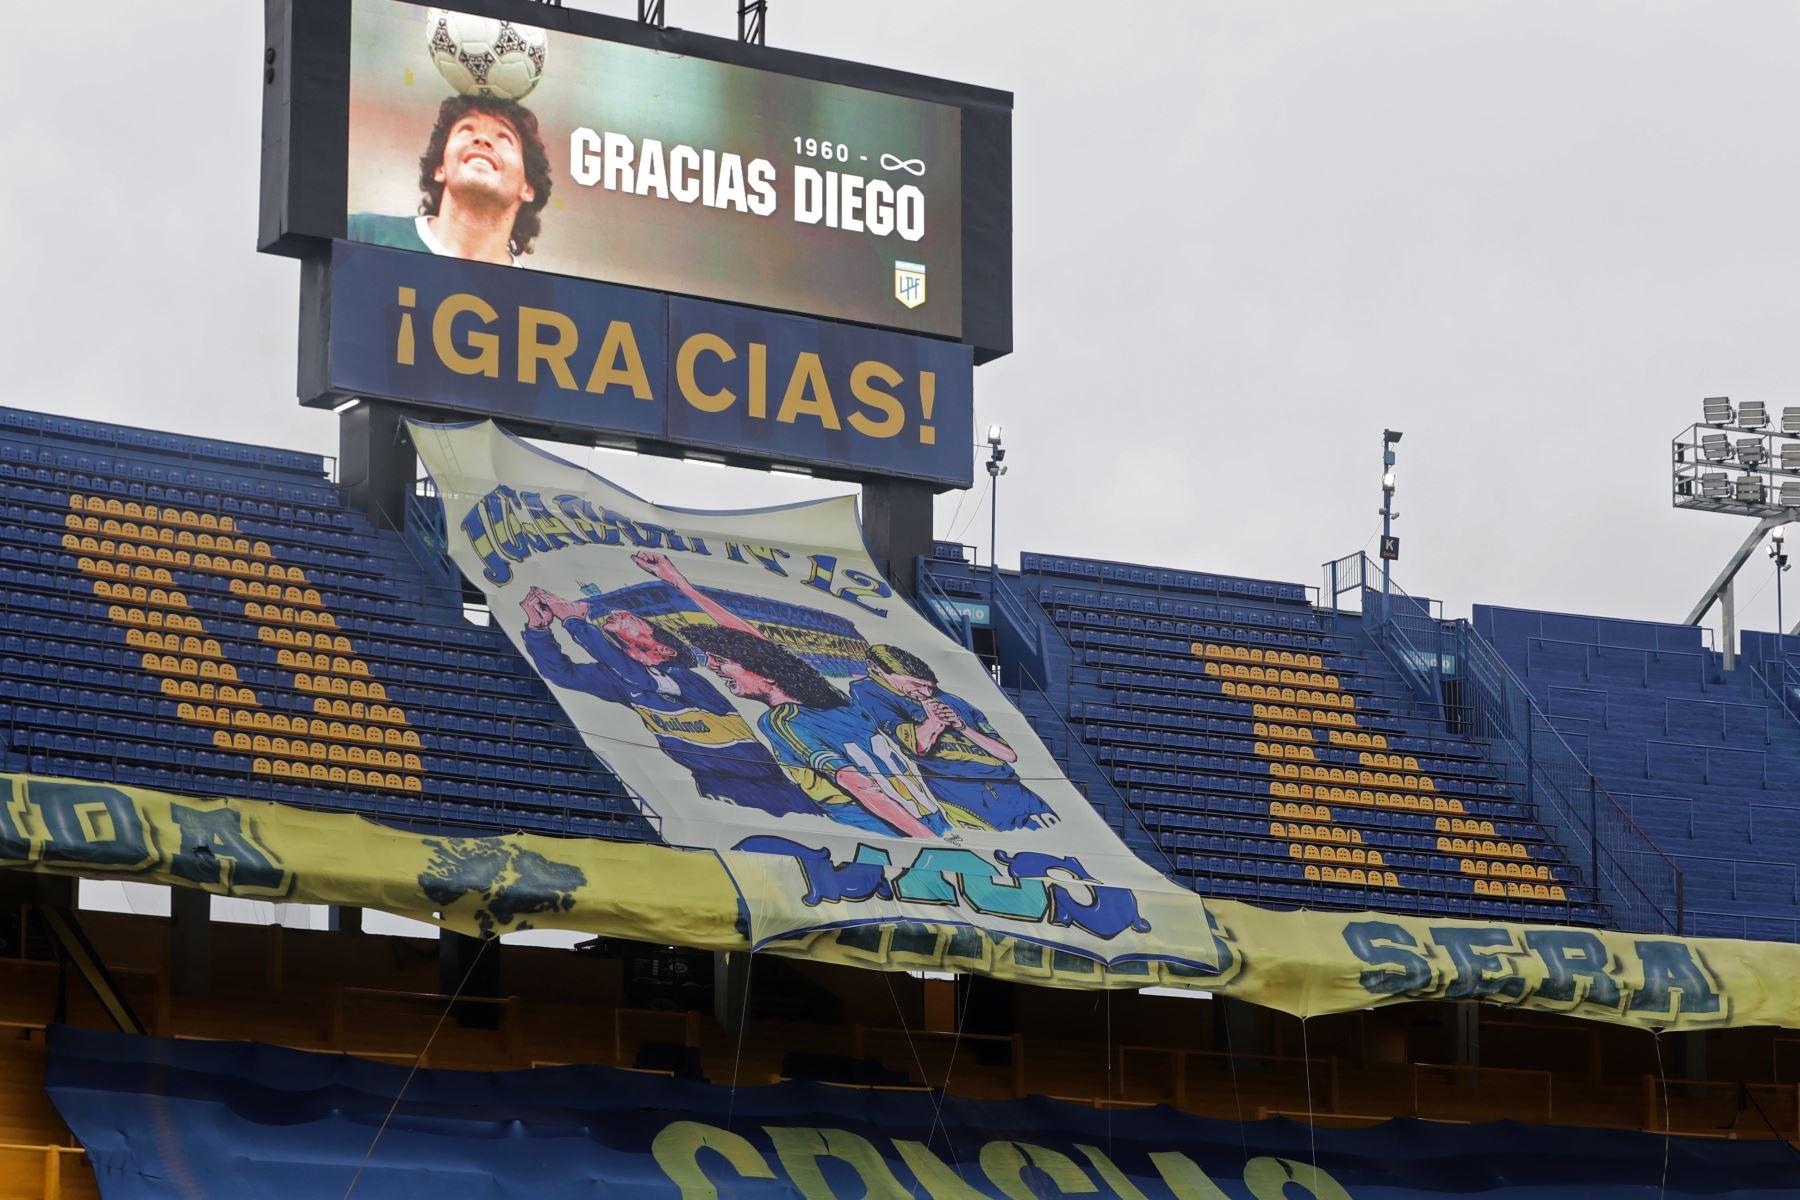 Fotografía de una imagen de Diego Armando Maradona en una pantalla durante un homenaje en el partido de la Primera División argentina entre Boca Juniors y Newell